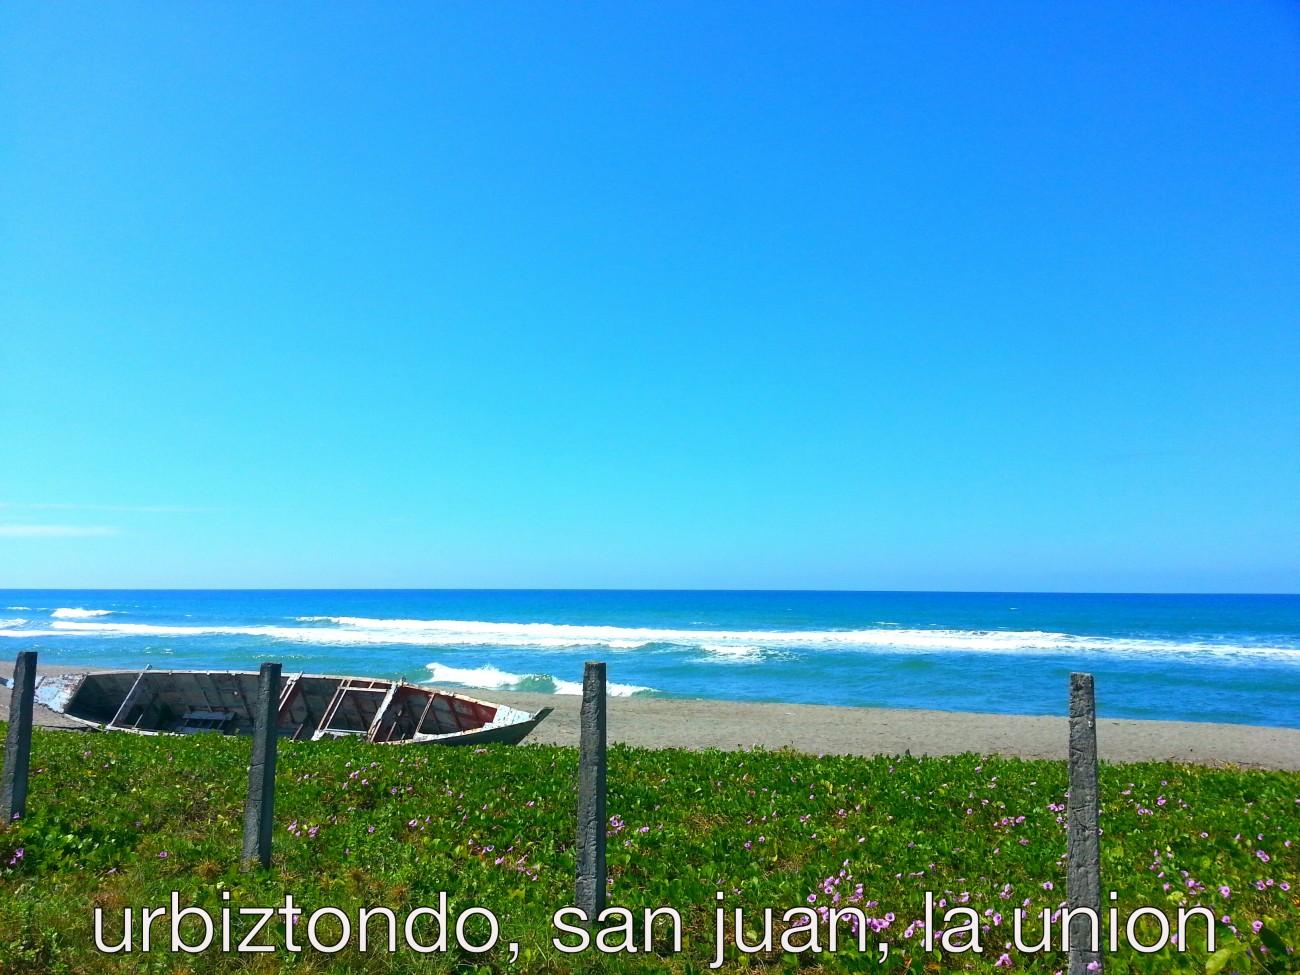 Urbiztondo Surfing Site